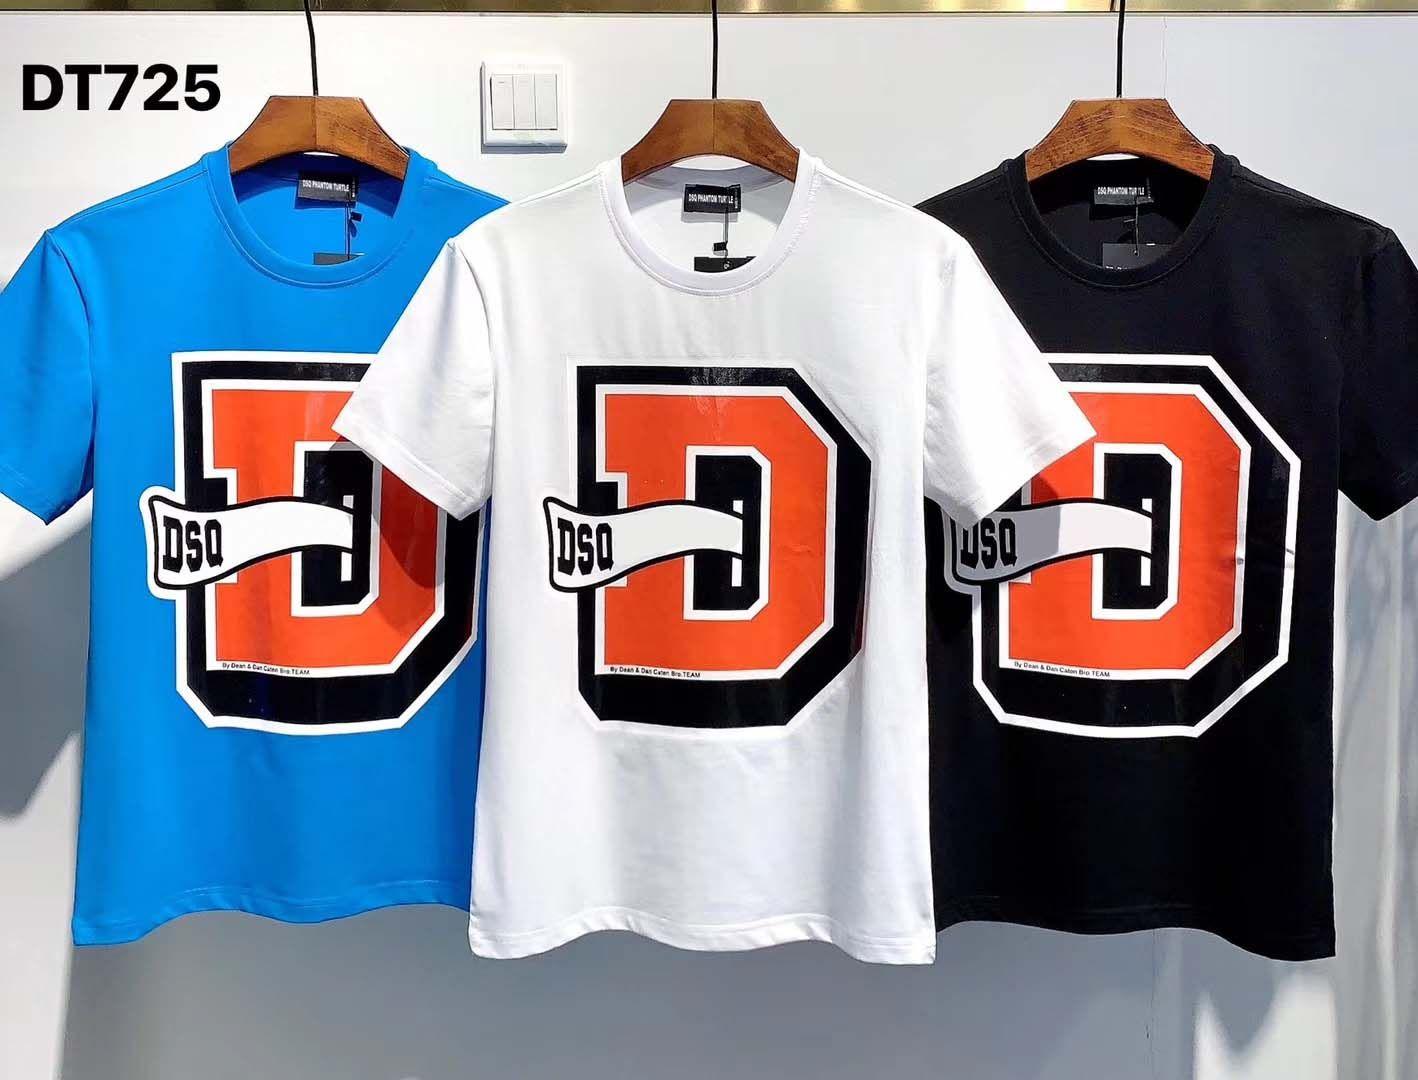 DSQ PHANTOM TORTUE 2020FW New Mens Designer T-shirt Italie mode T-shirts d'été DSQ Motif T-shirt Homme Top qualité 100% coton Top 7552